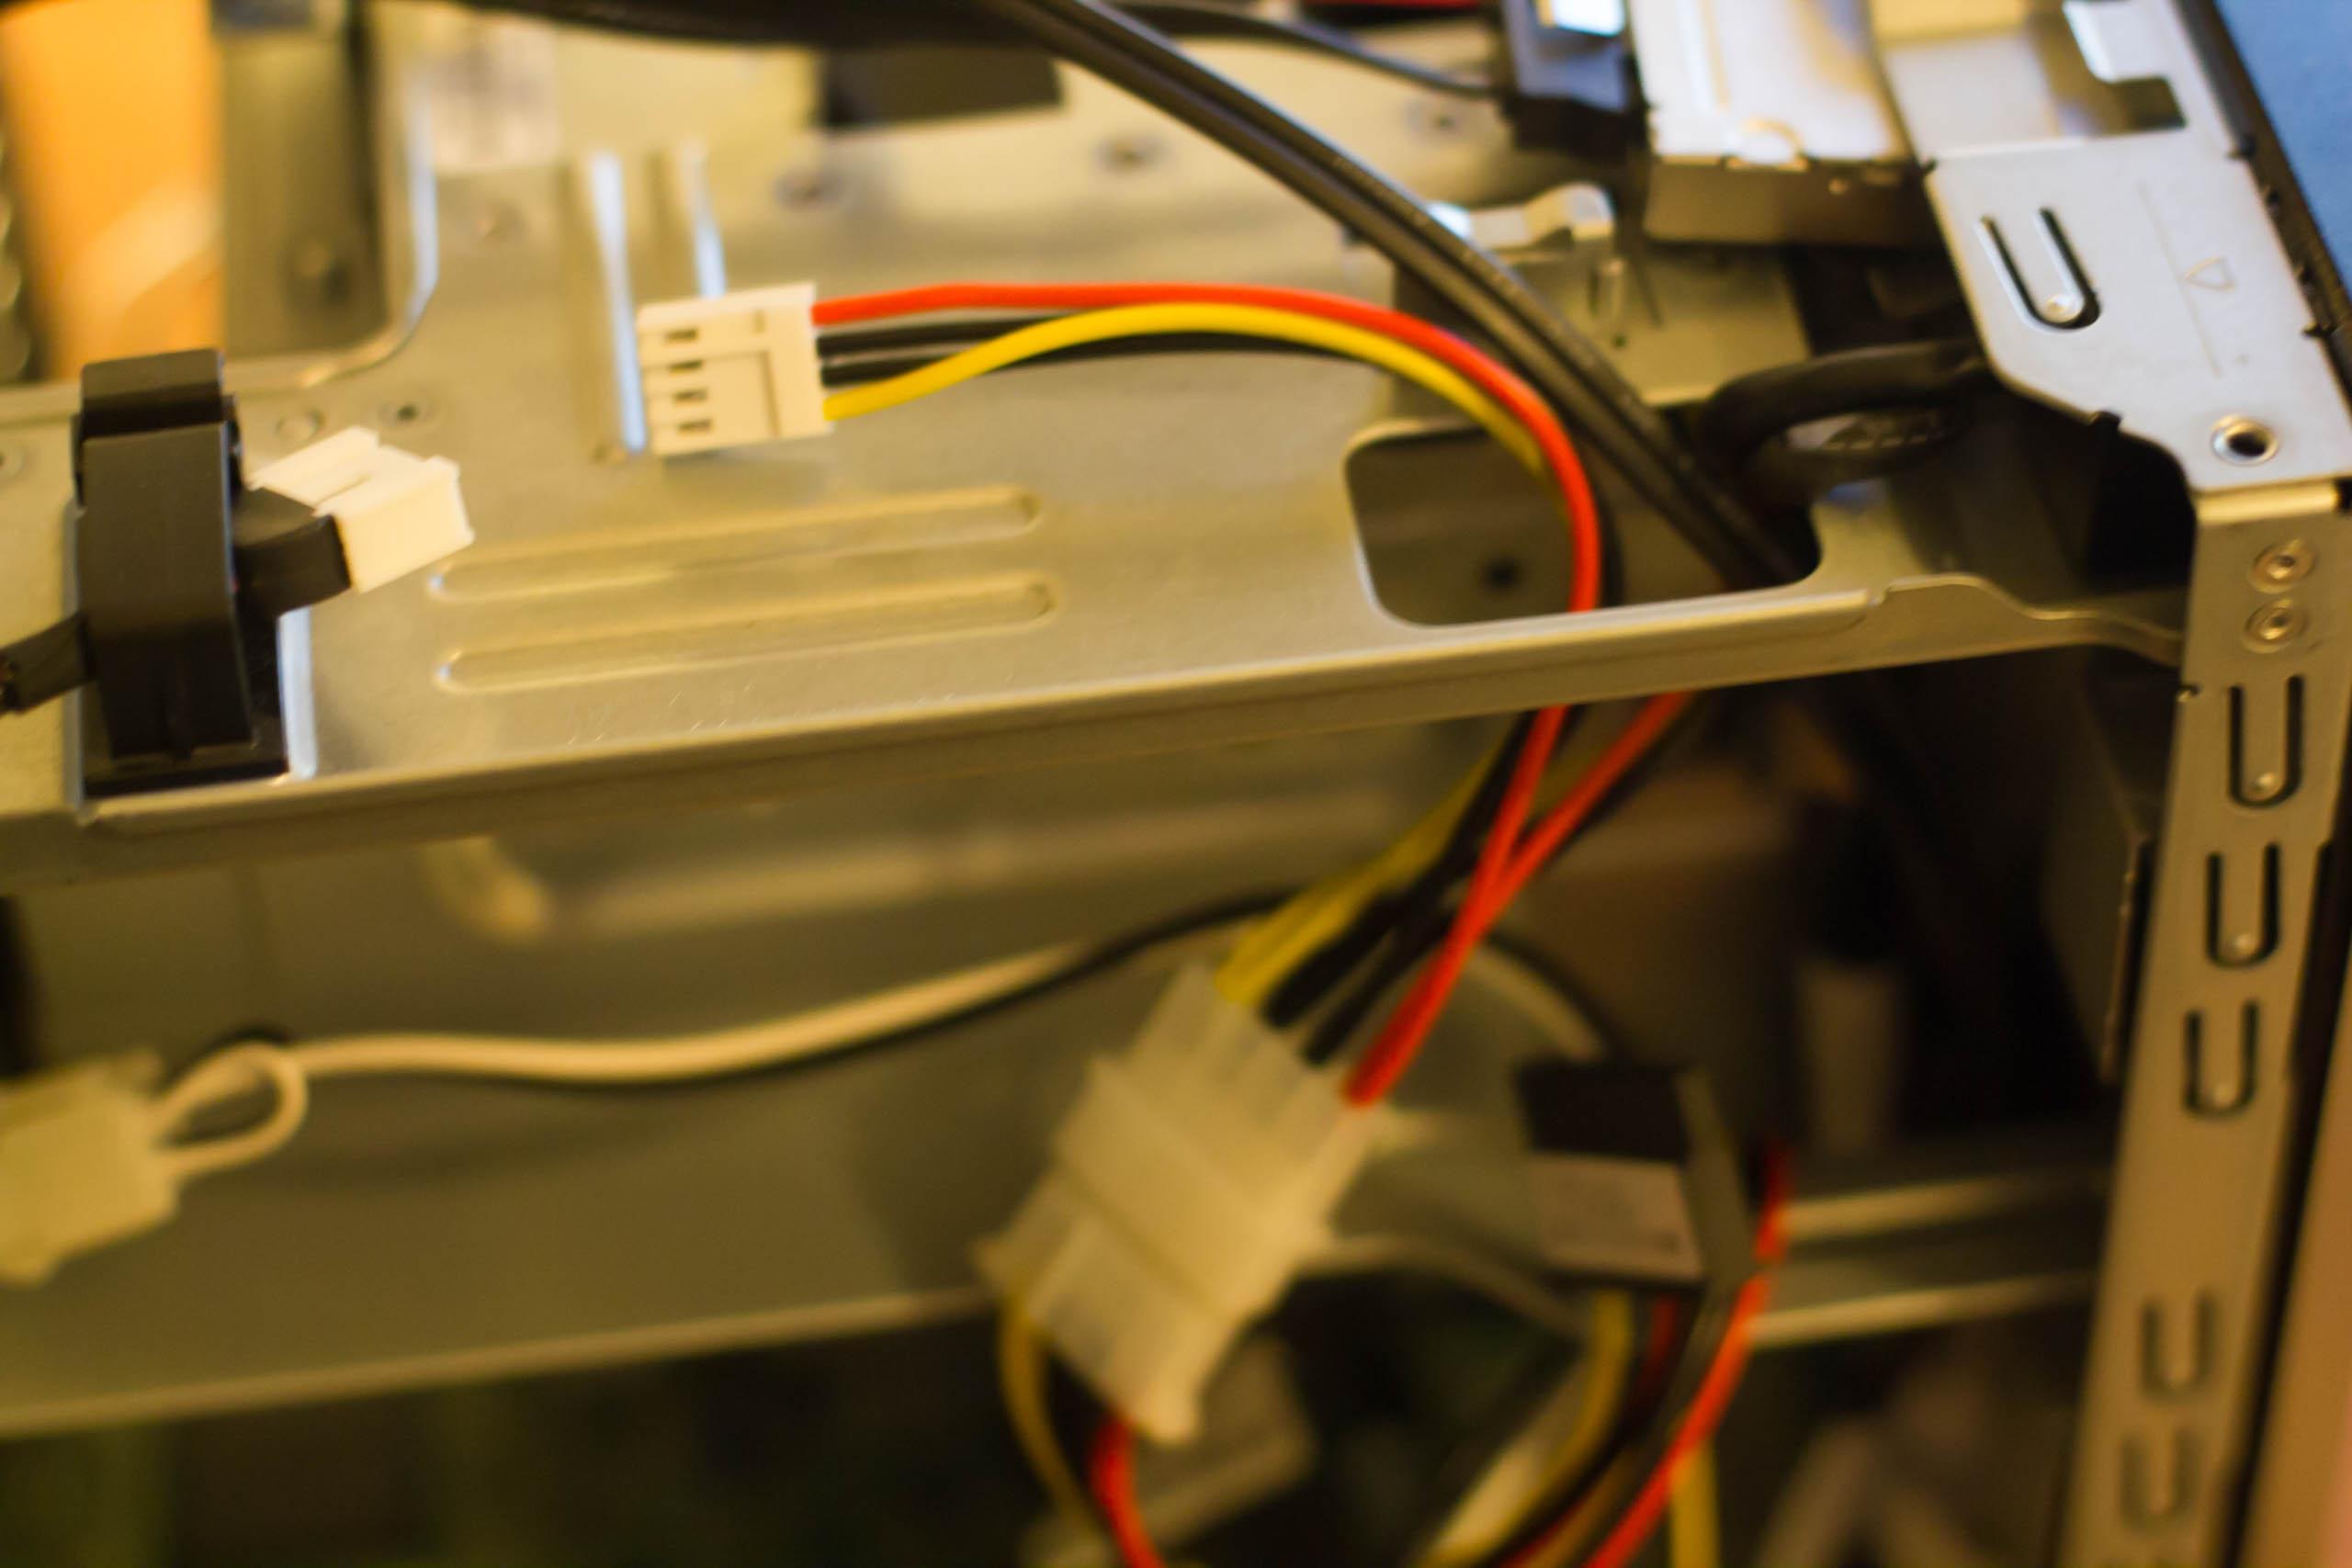 Der Berg-Anschluss des Y-Kabels wird mit dem oben liegenden Gegenstück verbunden.